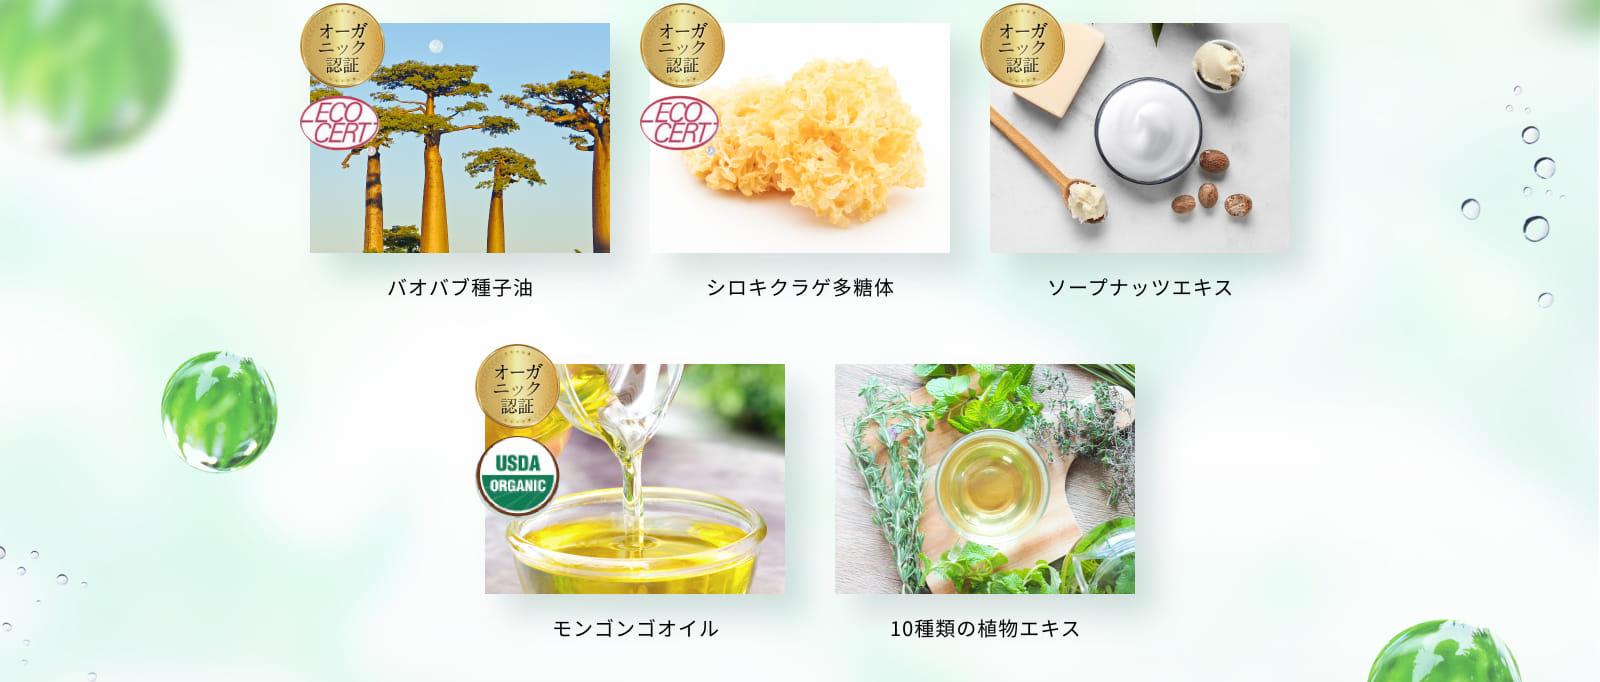 バオバブ種子油 など